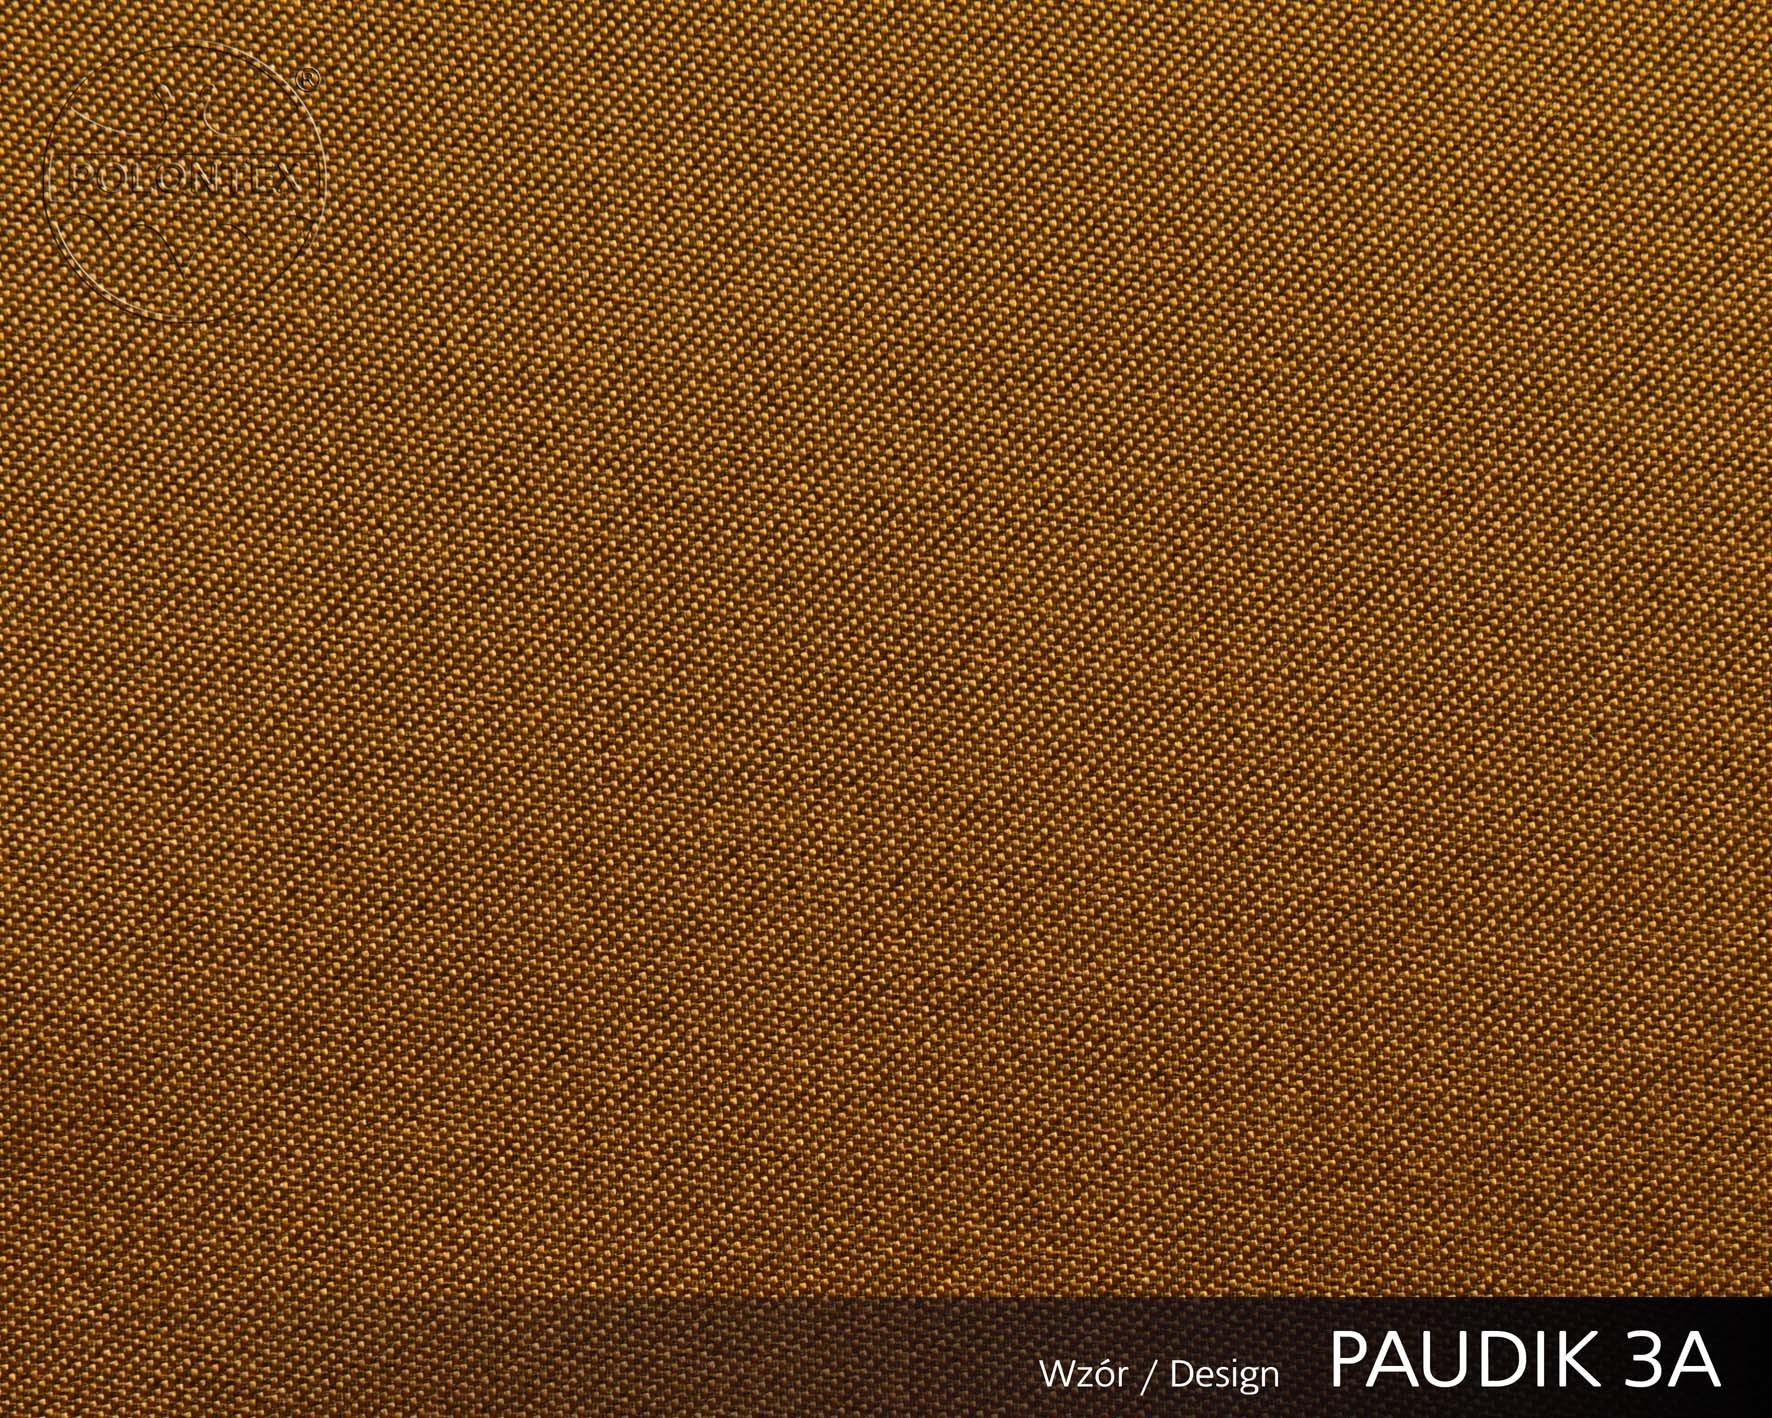 PAUDIK 2223